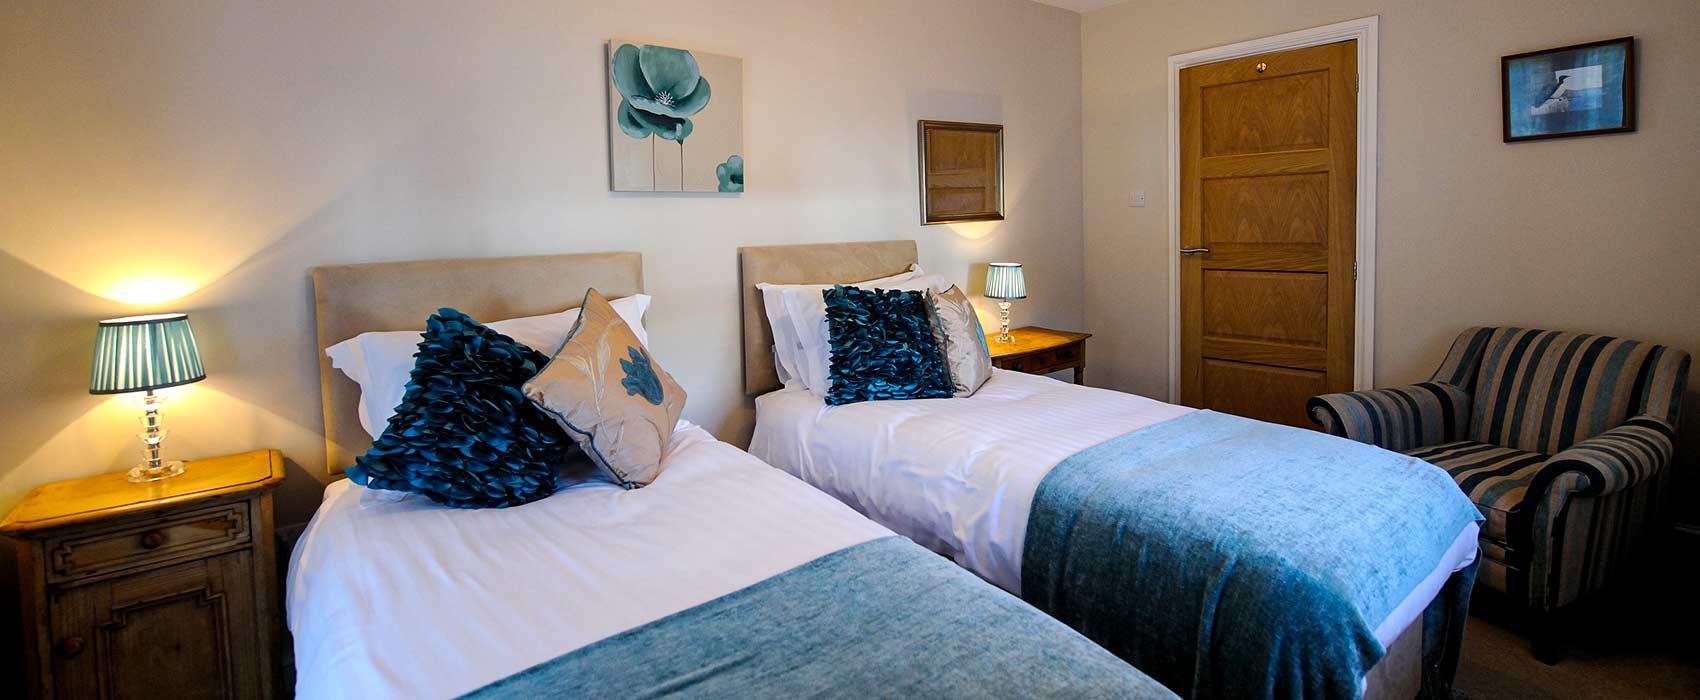 The Brentor Twin bedroom